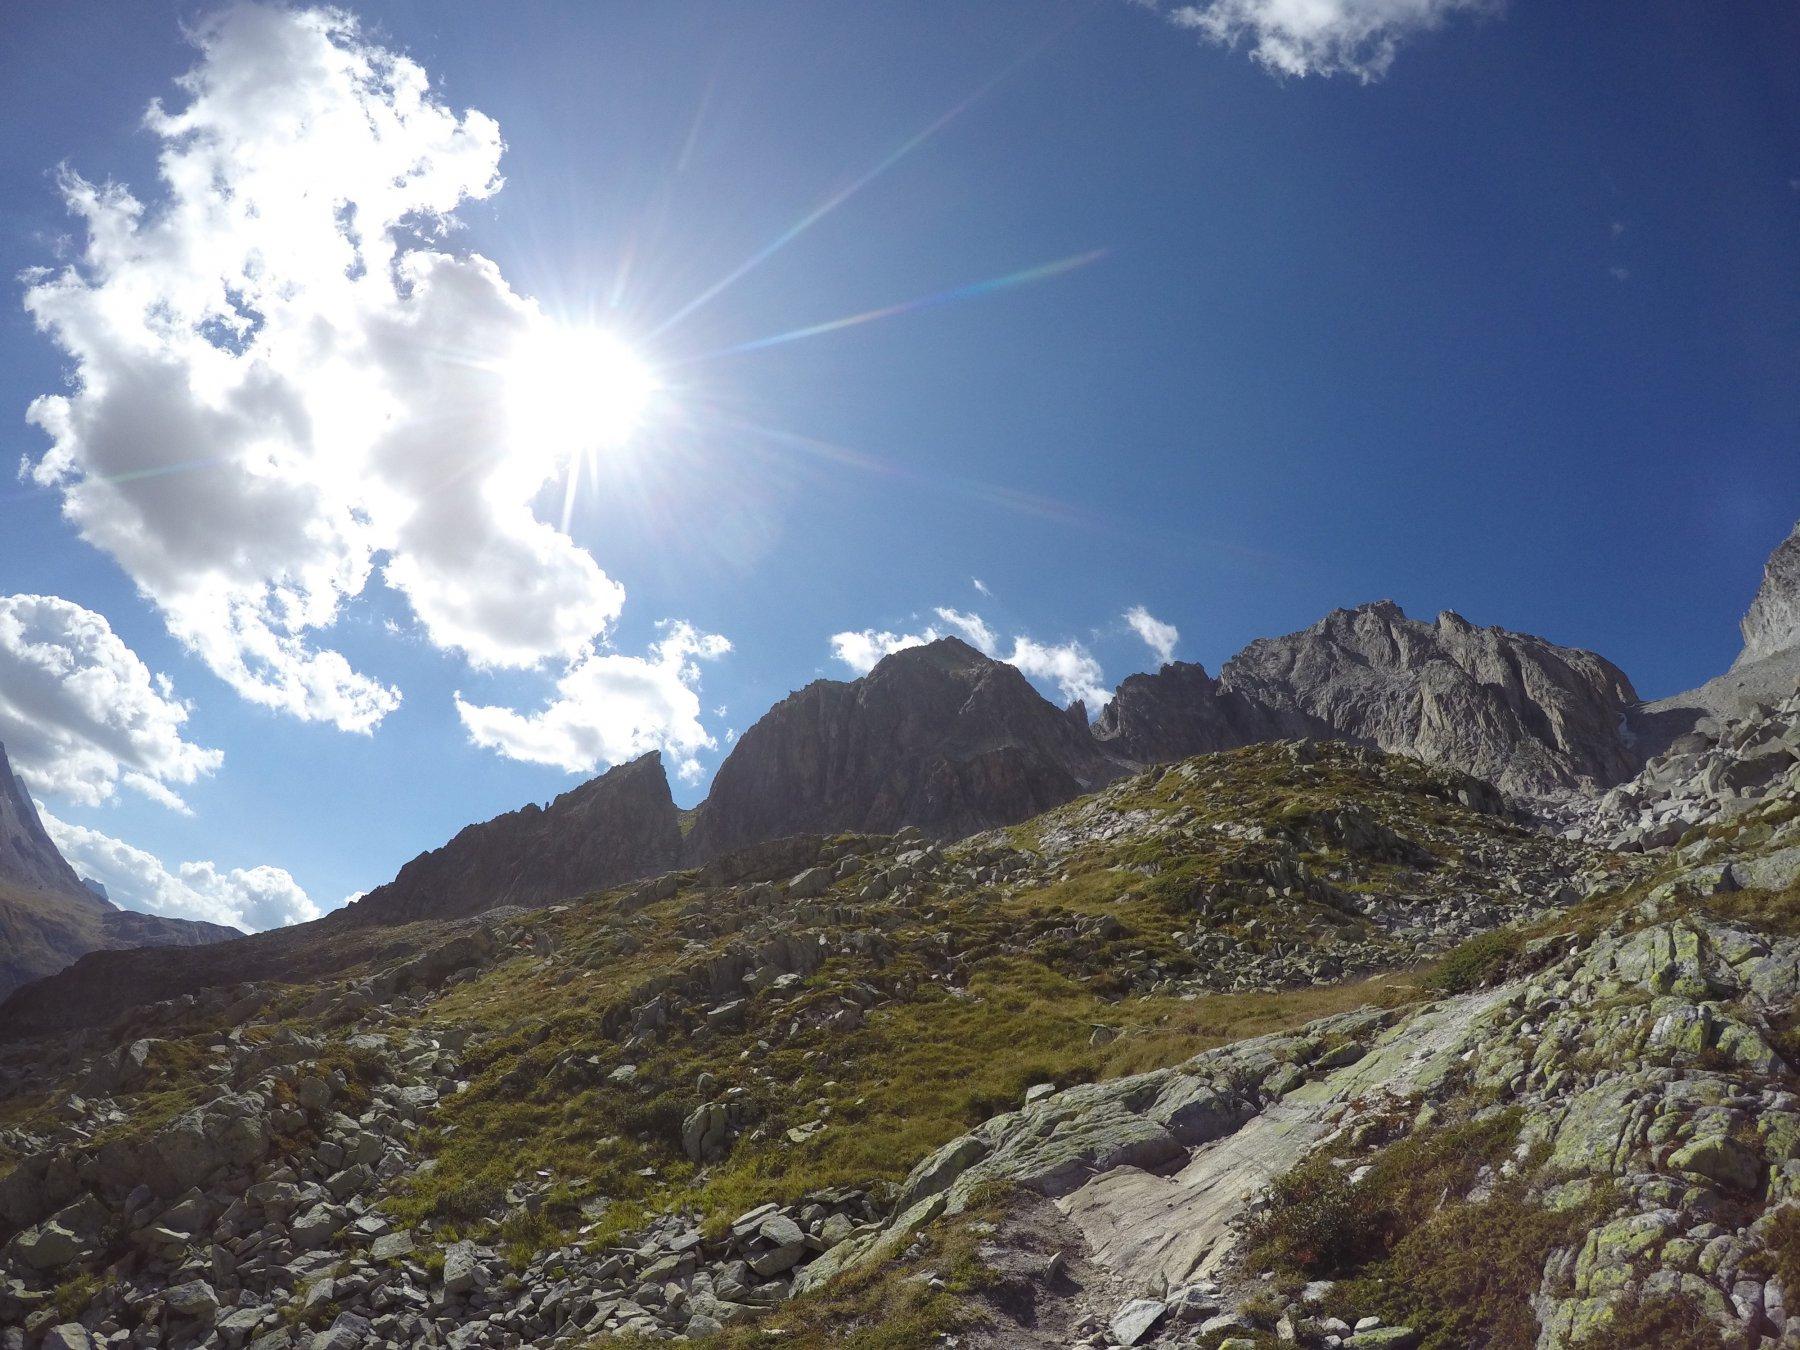 Tutta la cresta, vista dalla discesa dal Gerenpass, dopo l'ascesa!